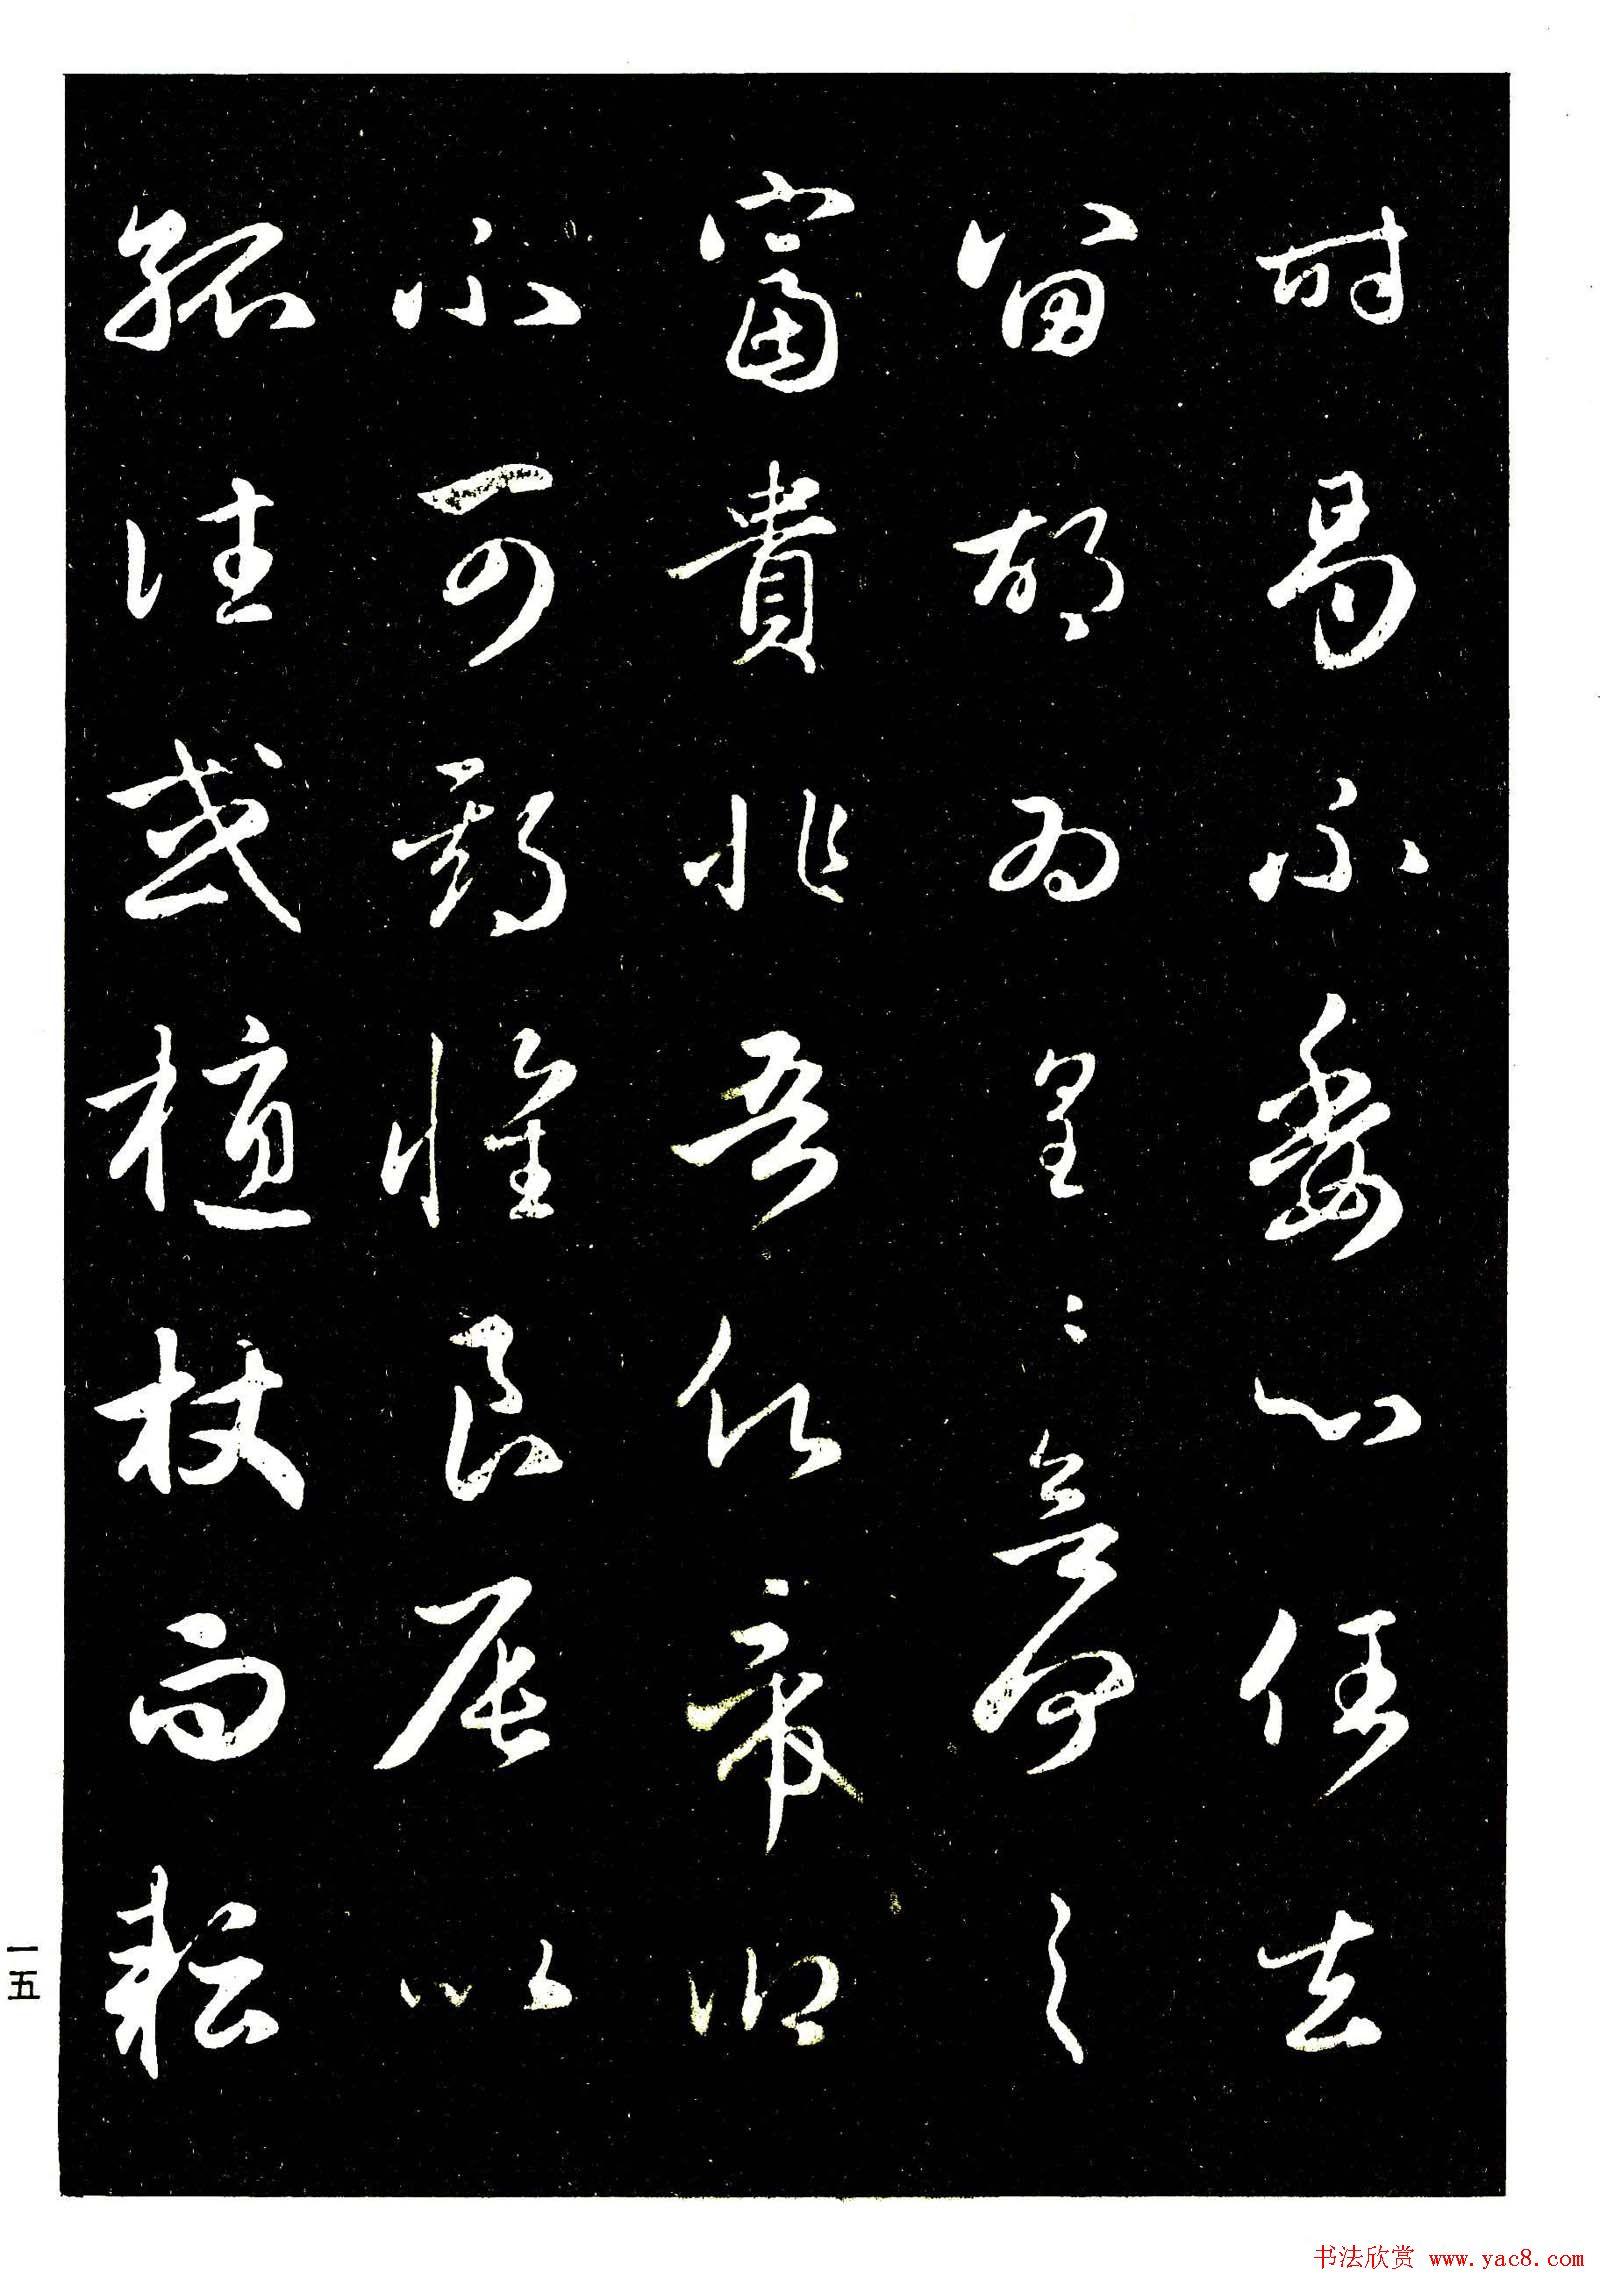 高清晰毛笔字帖欣赏 赵孟頫行书字帖 第16页 行书字帖 书法欣赏图片